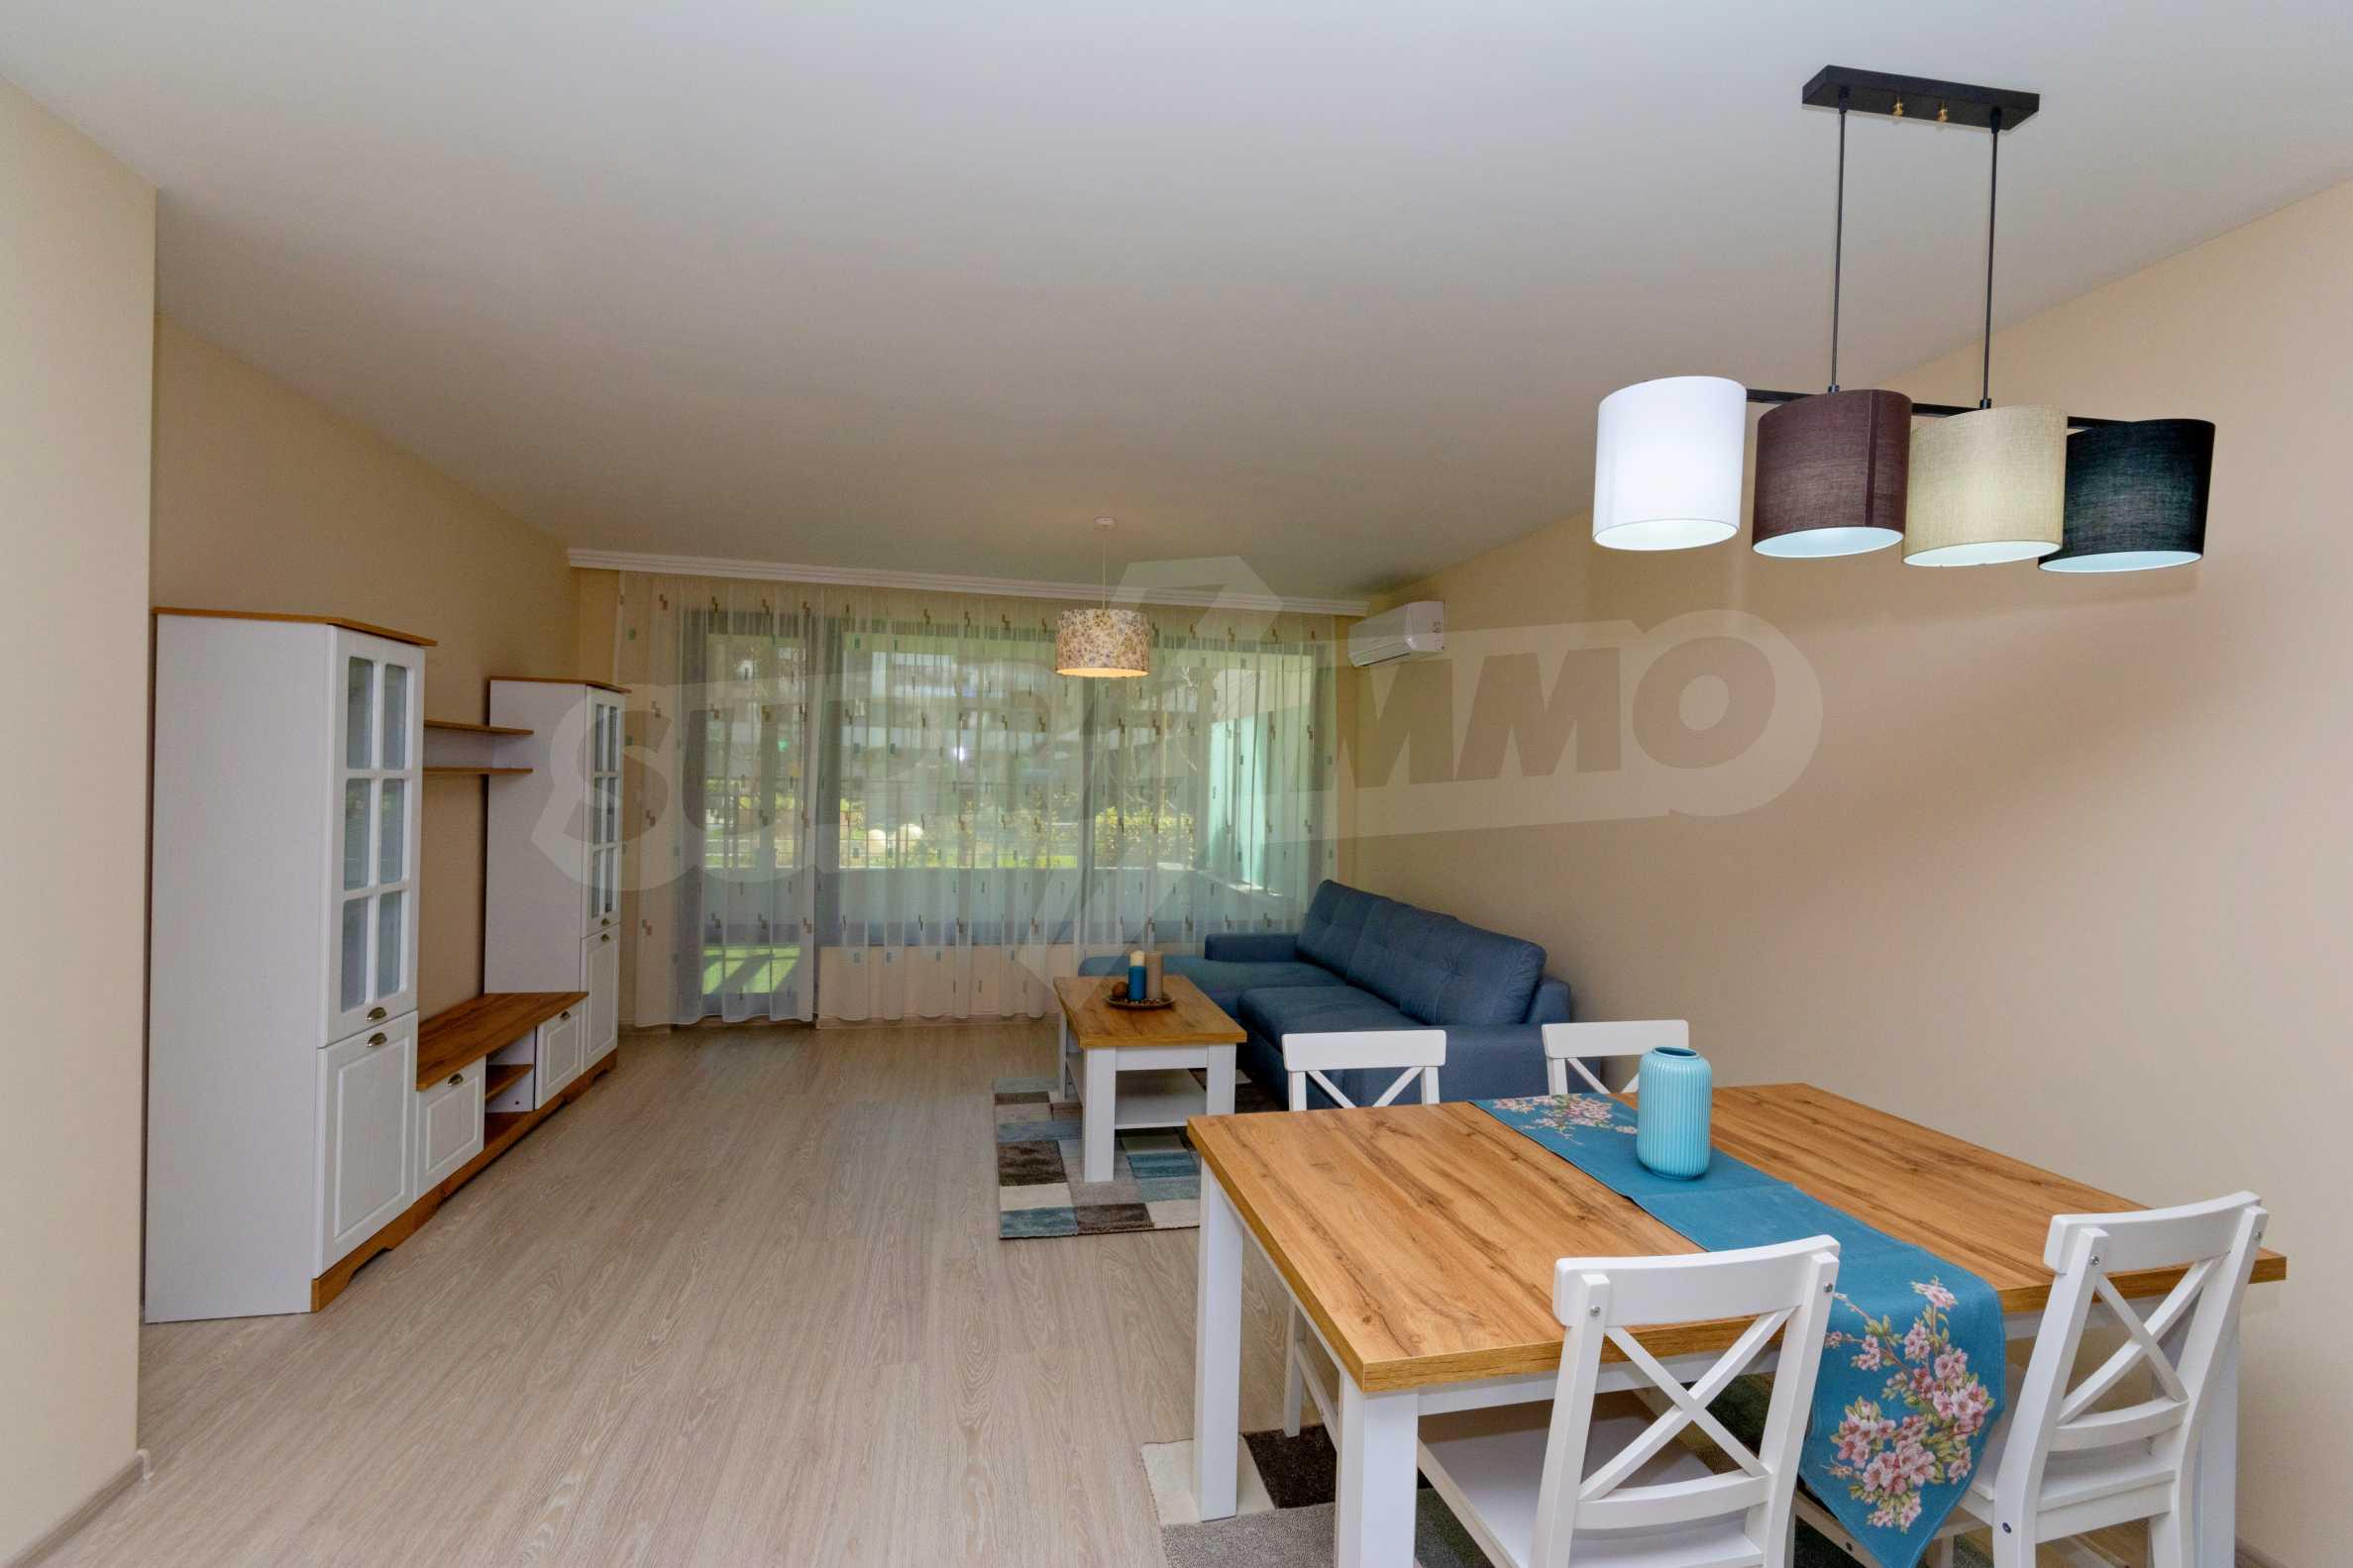 Двустаен апартамент в луксозна жилищна сграда на комуникативна локация в гр.Пловдив 1